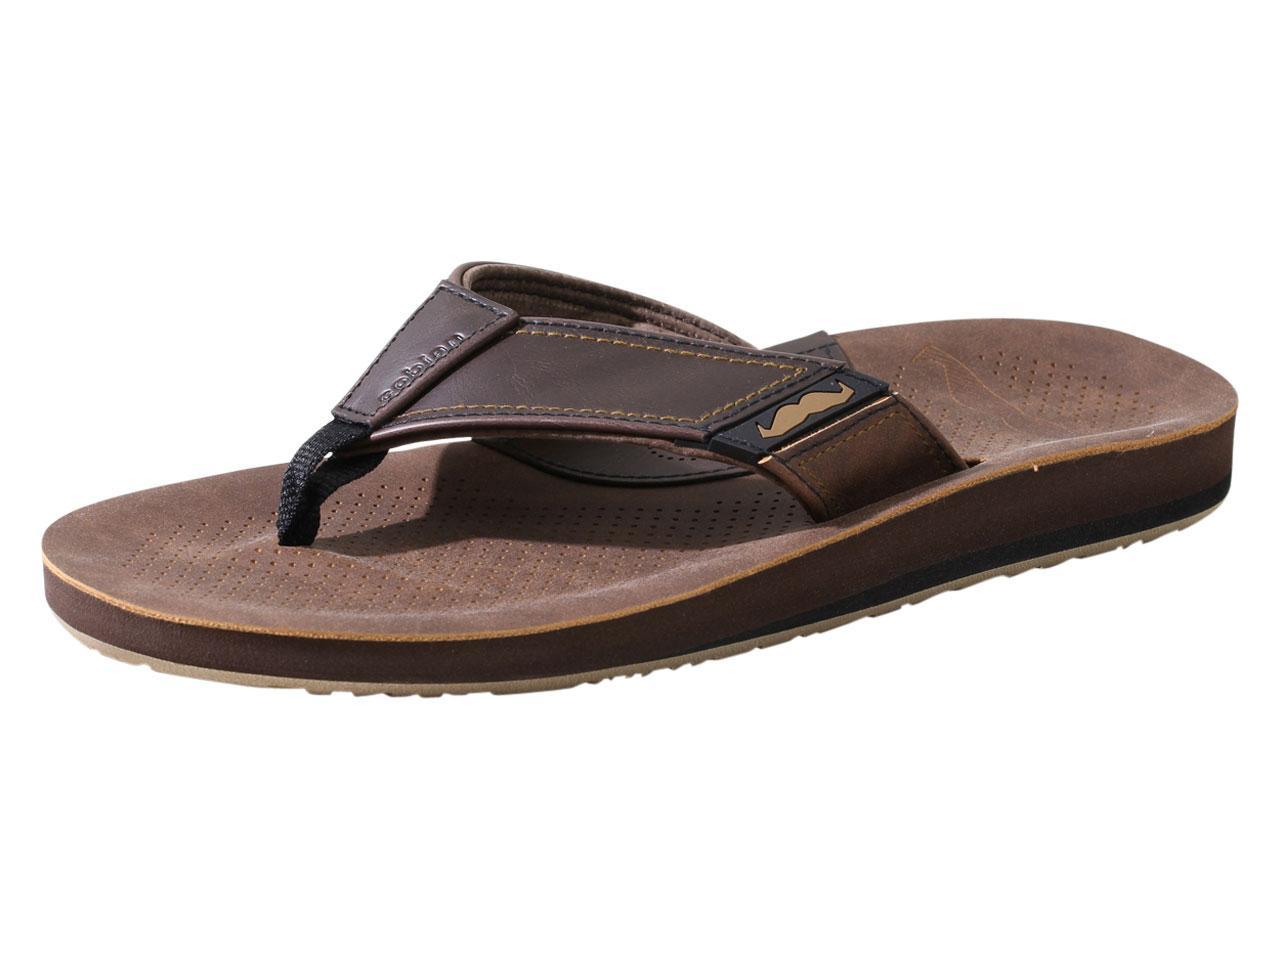 a2b8f1d551436f Cobian Men s Movember Flip Flops Sandals Shoes